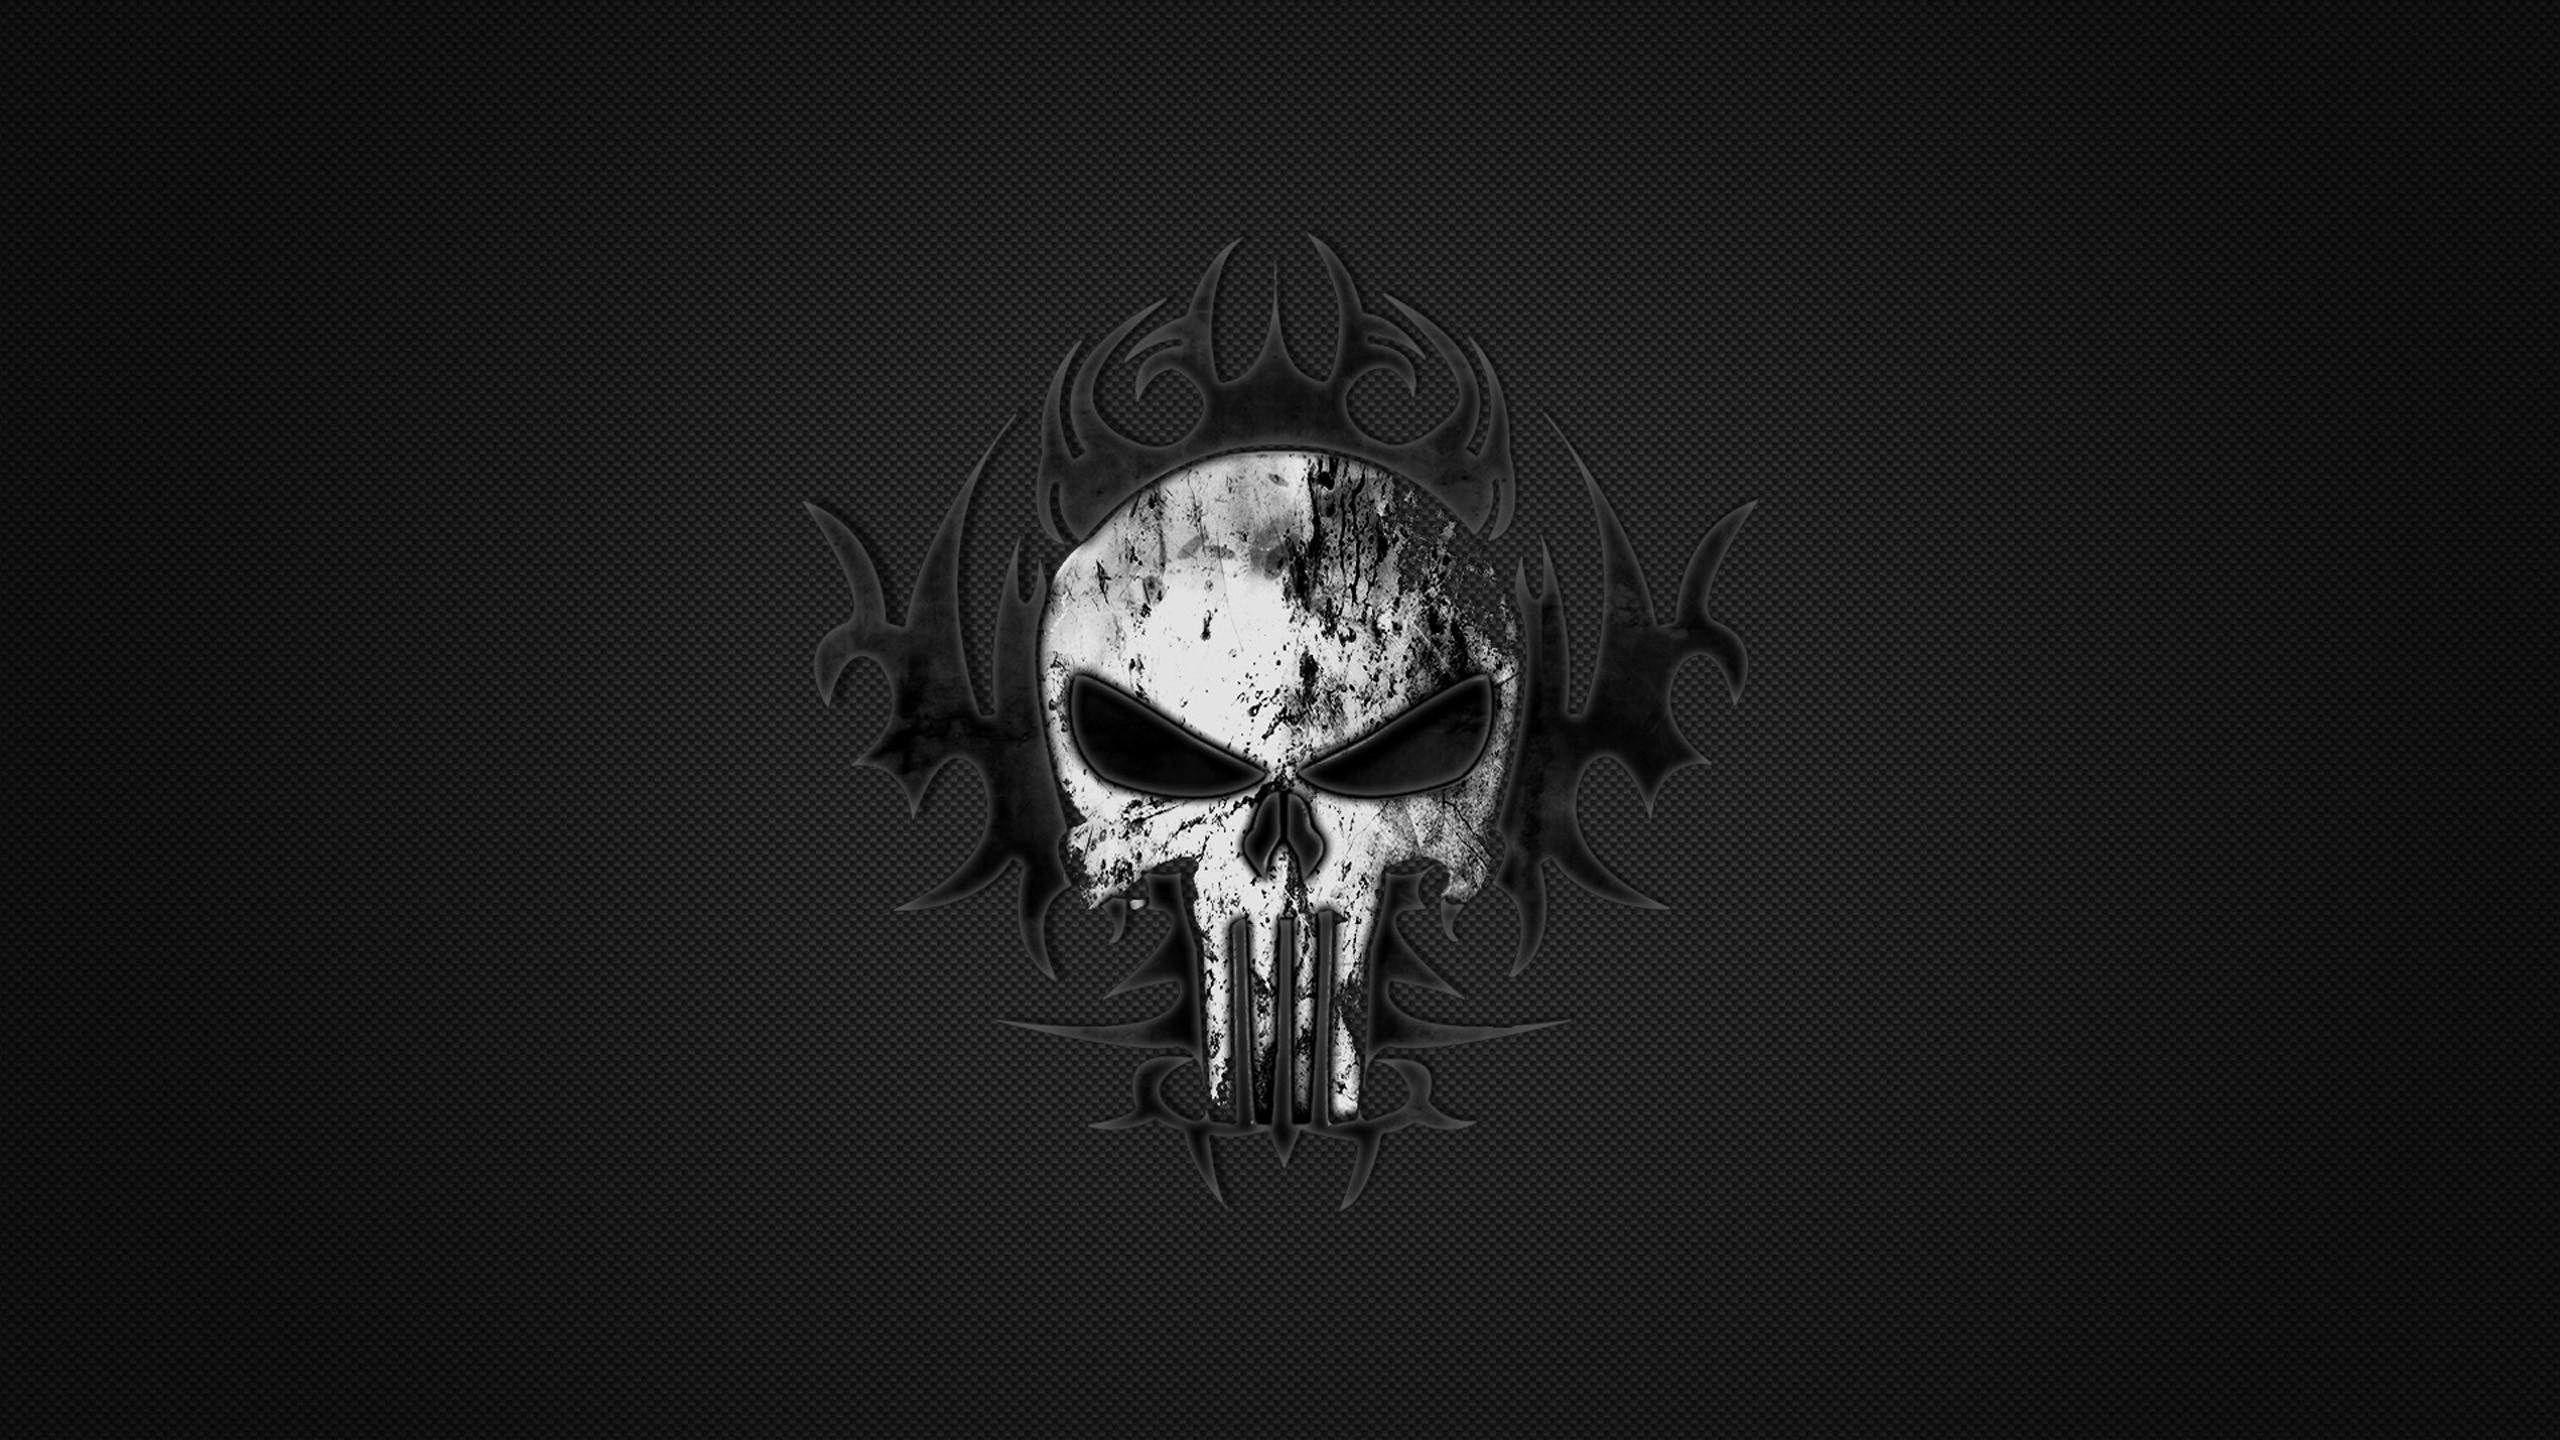 Punisher Skull Wallpaper Hd 67 Images